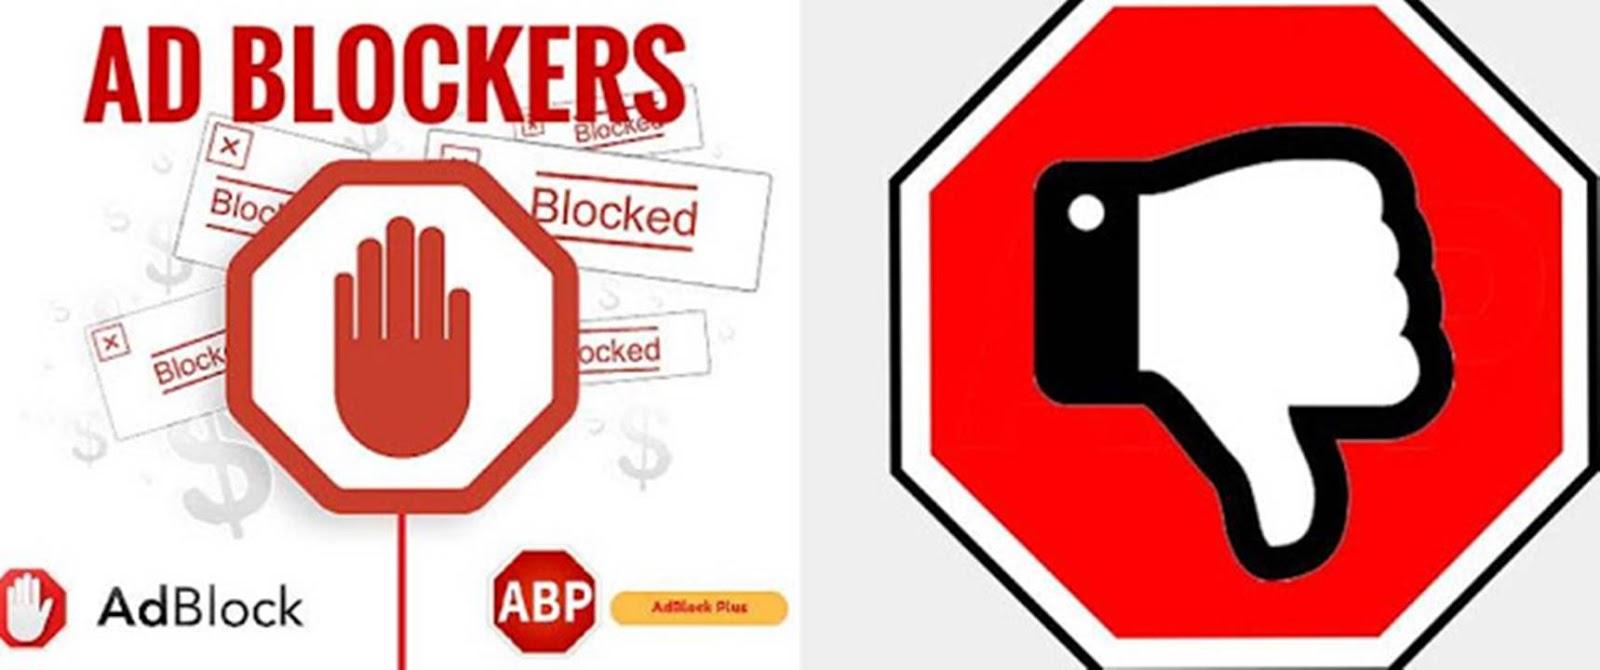 Block AdBlockers on blogger blogspot